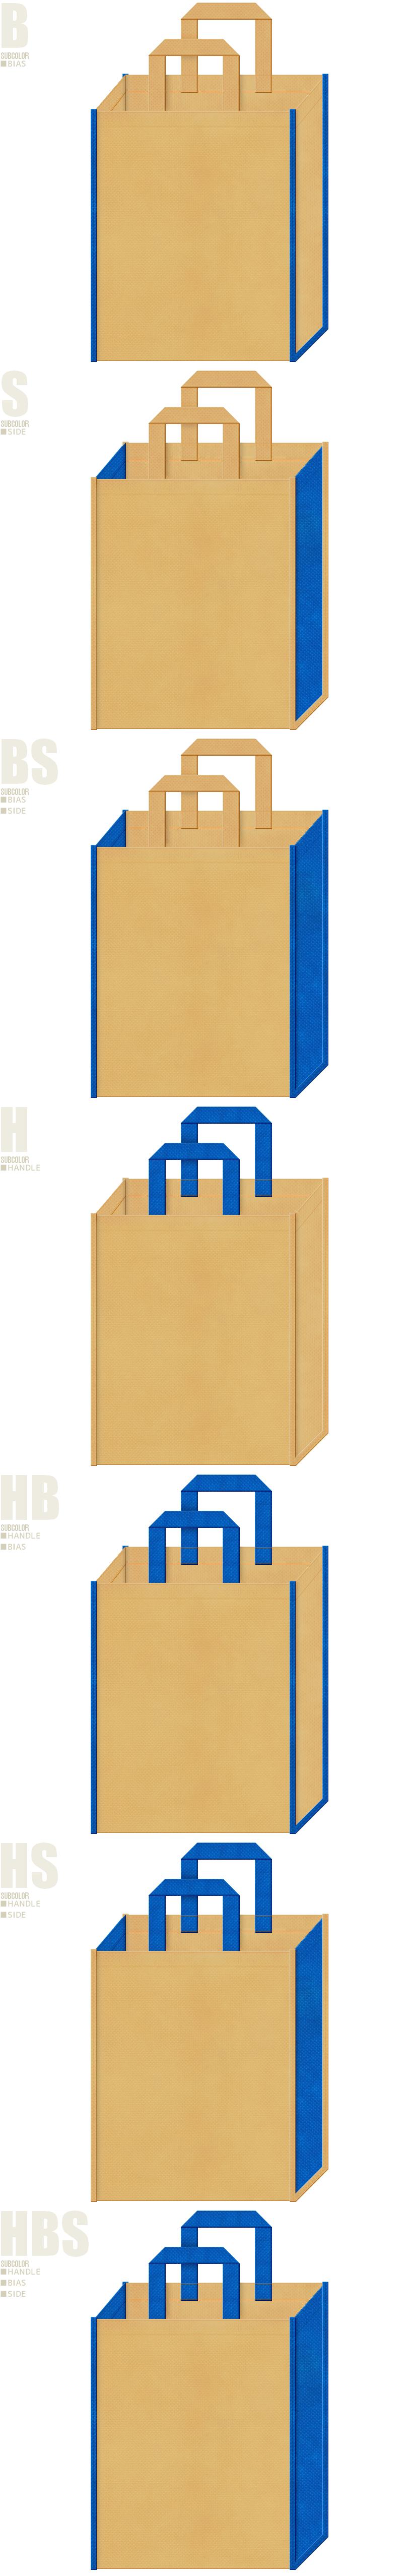 不織布トートバッグのデザイン例-不織布メインカラーNo.8+サブカラーNo.22の2色7パターン